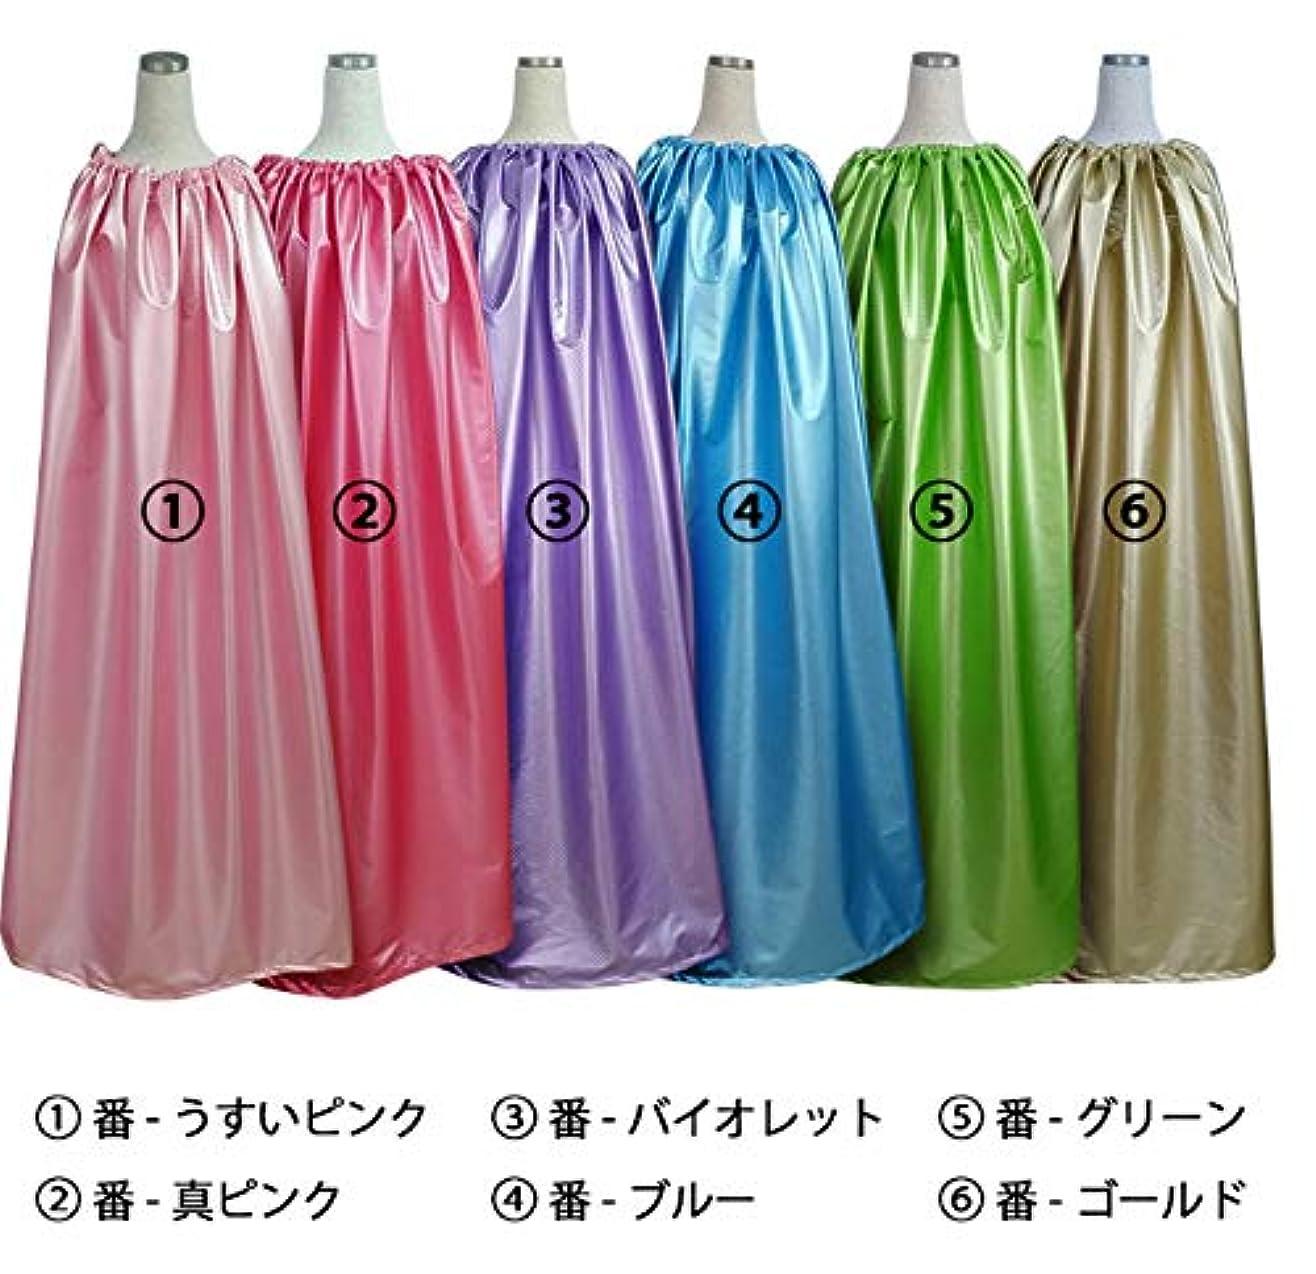 会話香りテラスヨモギ蒸し服、よもぎ蒸しマント可愛い色、色選択必要です一枚